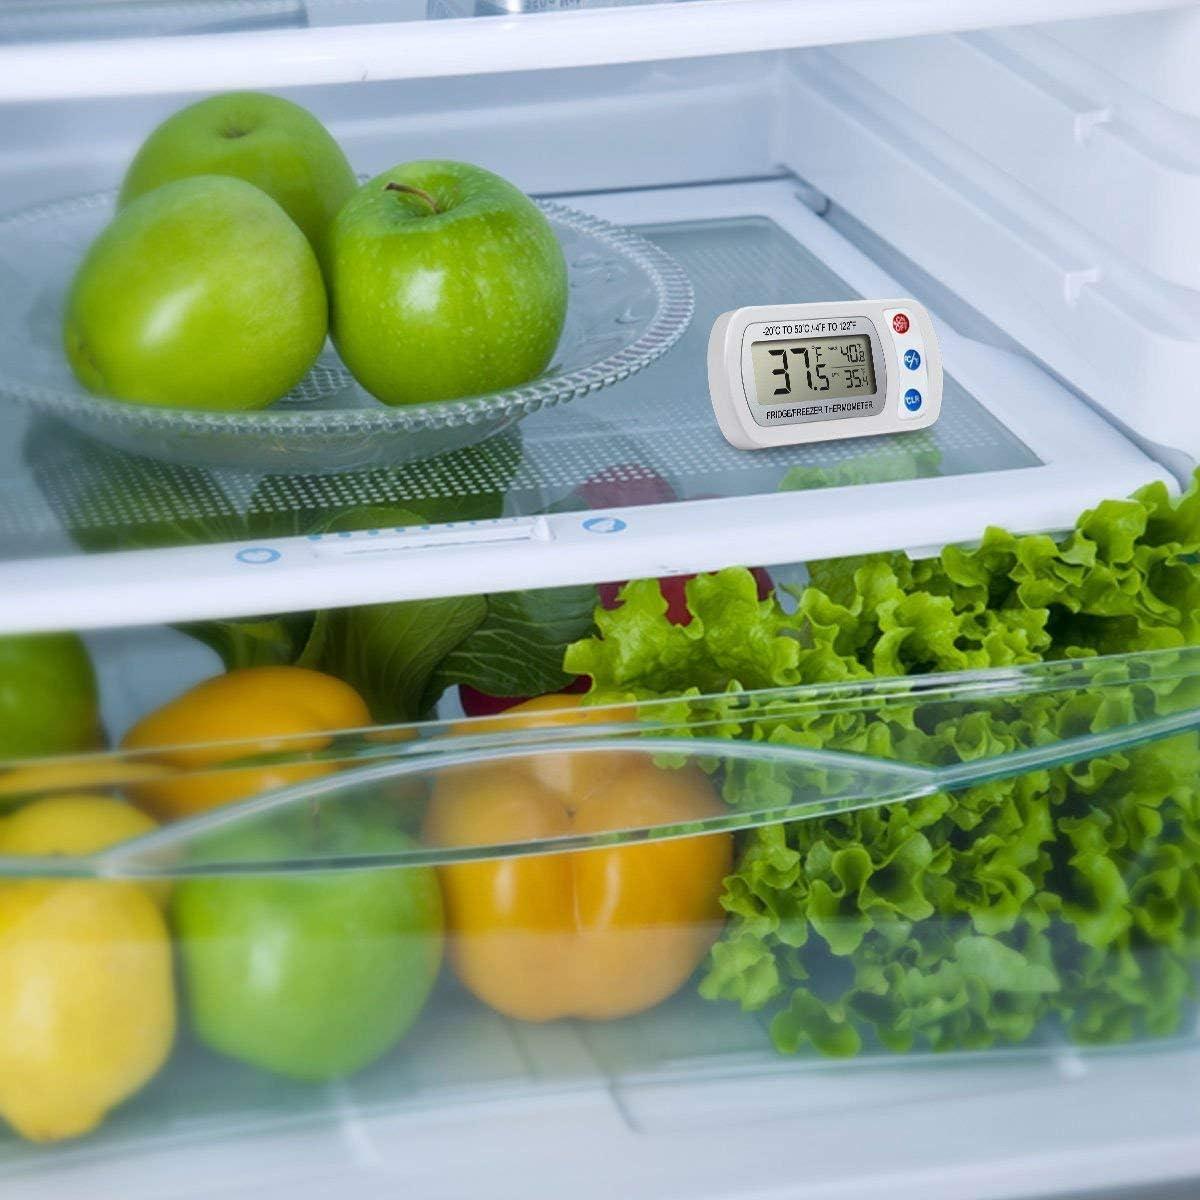 frigorifero display LCD digitale con temperatura massima//min e corrente Gancio e supporto. stanze fredde congelatore Termometro digitale per frigorifero